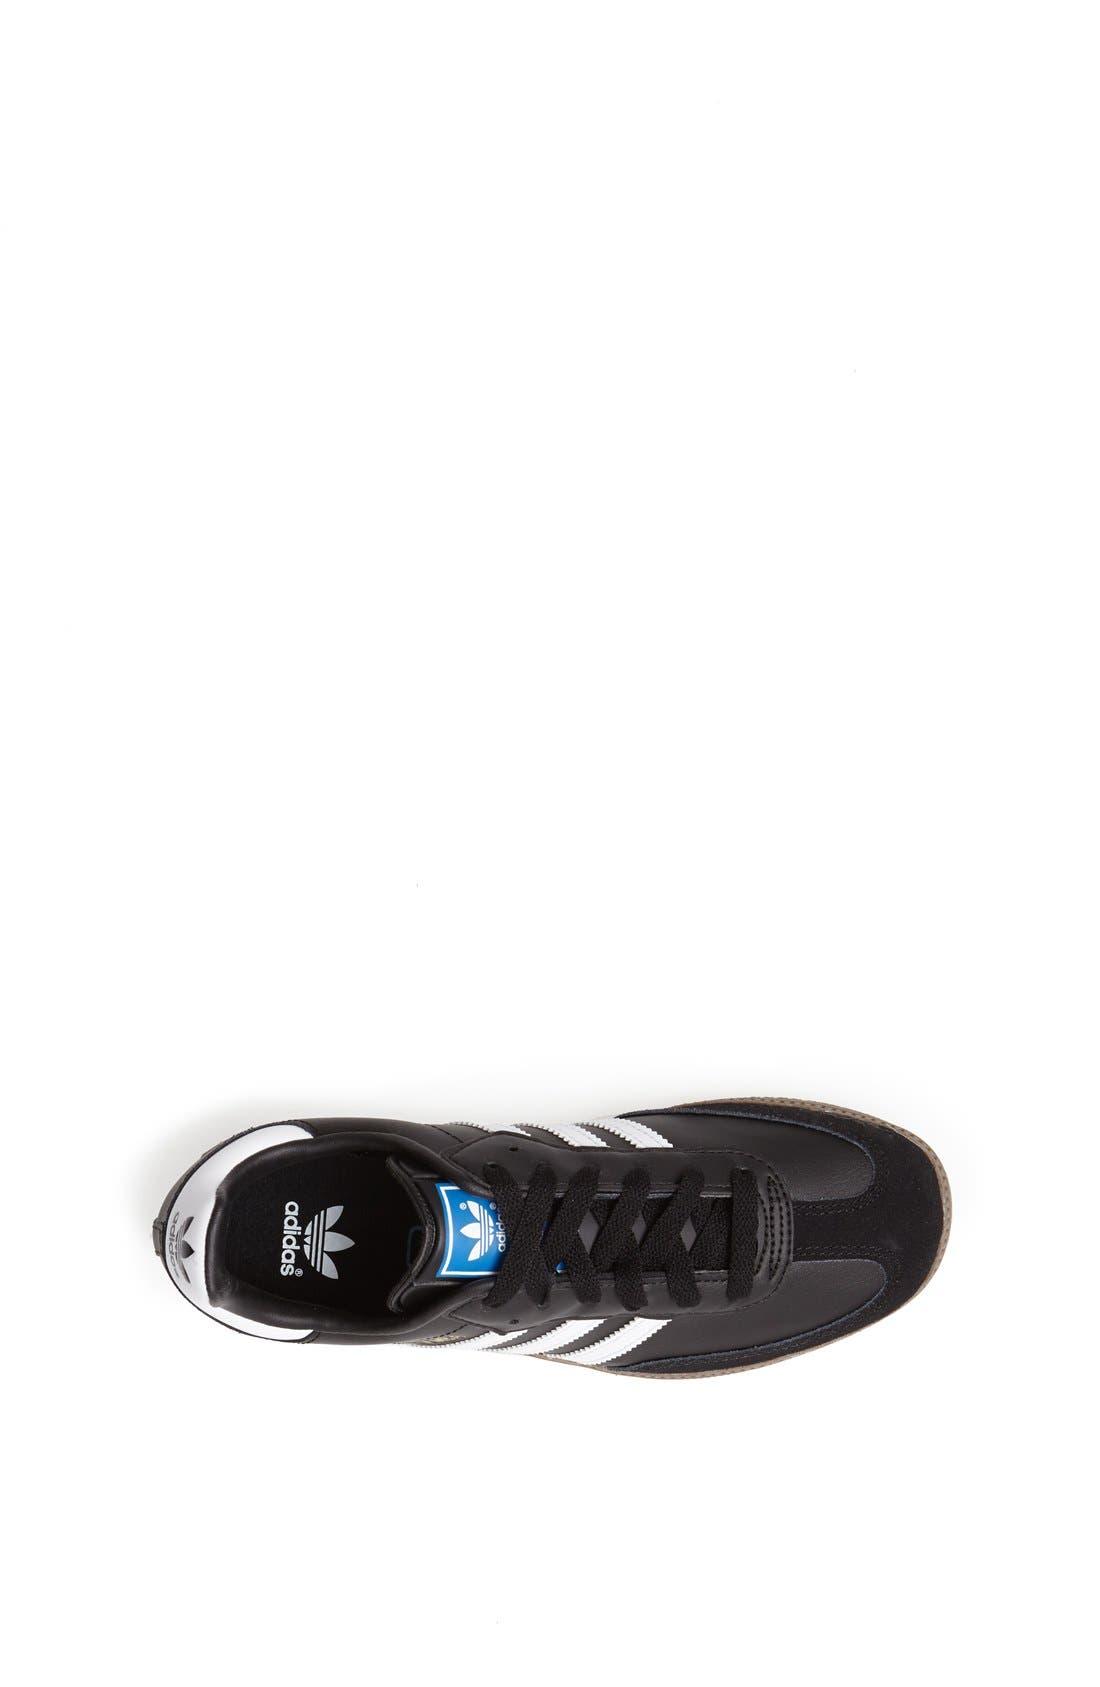 Alternate Image 3  - adidas 'Samba' Sneaker (Toddler, Little Kid & Big Kid)